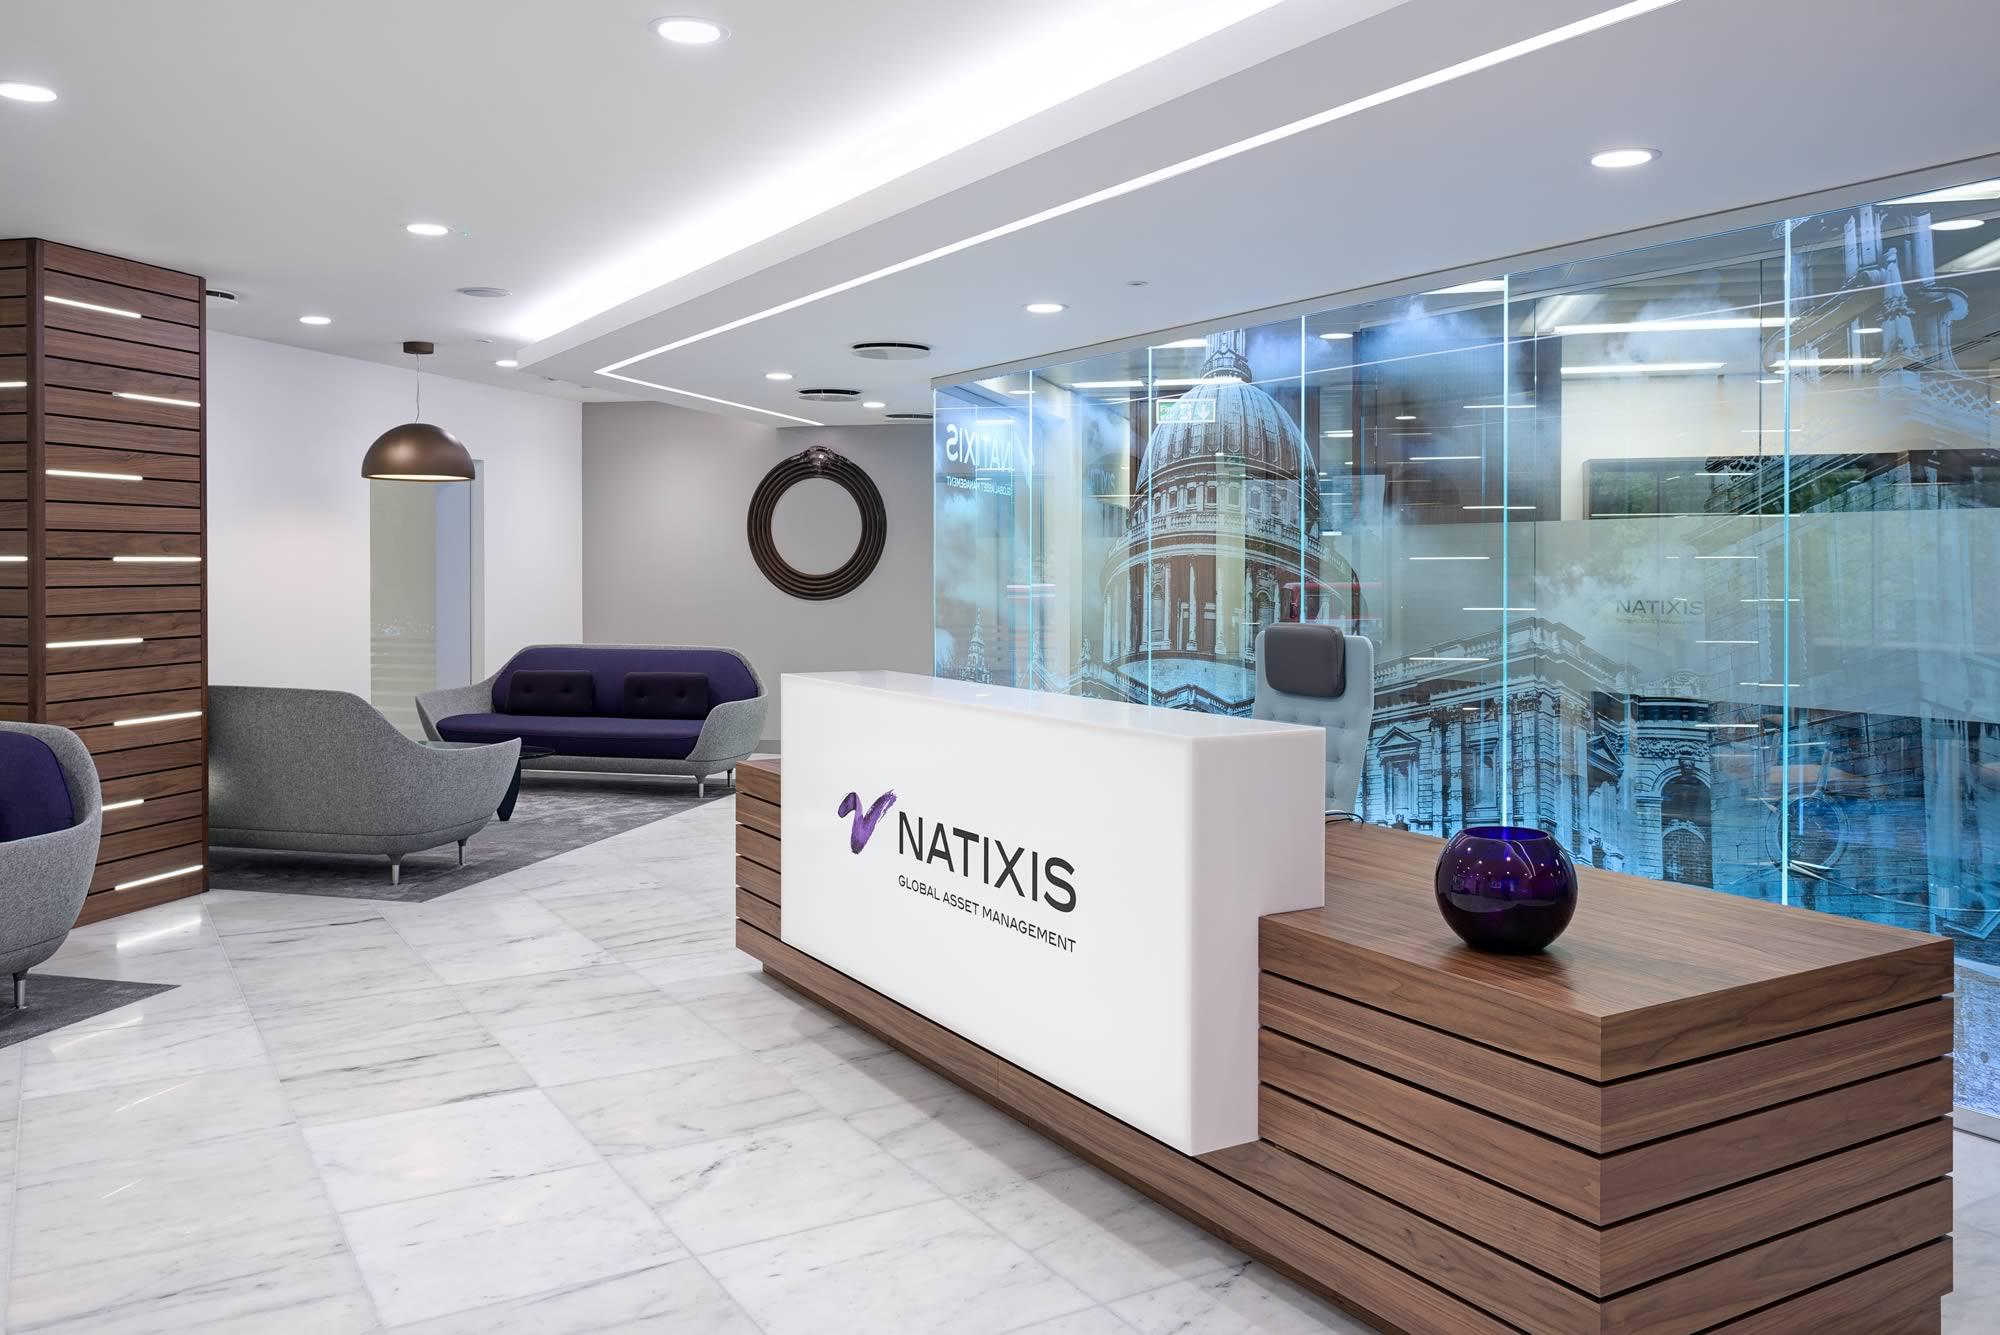 Natixis Case Study Image